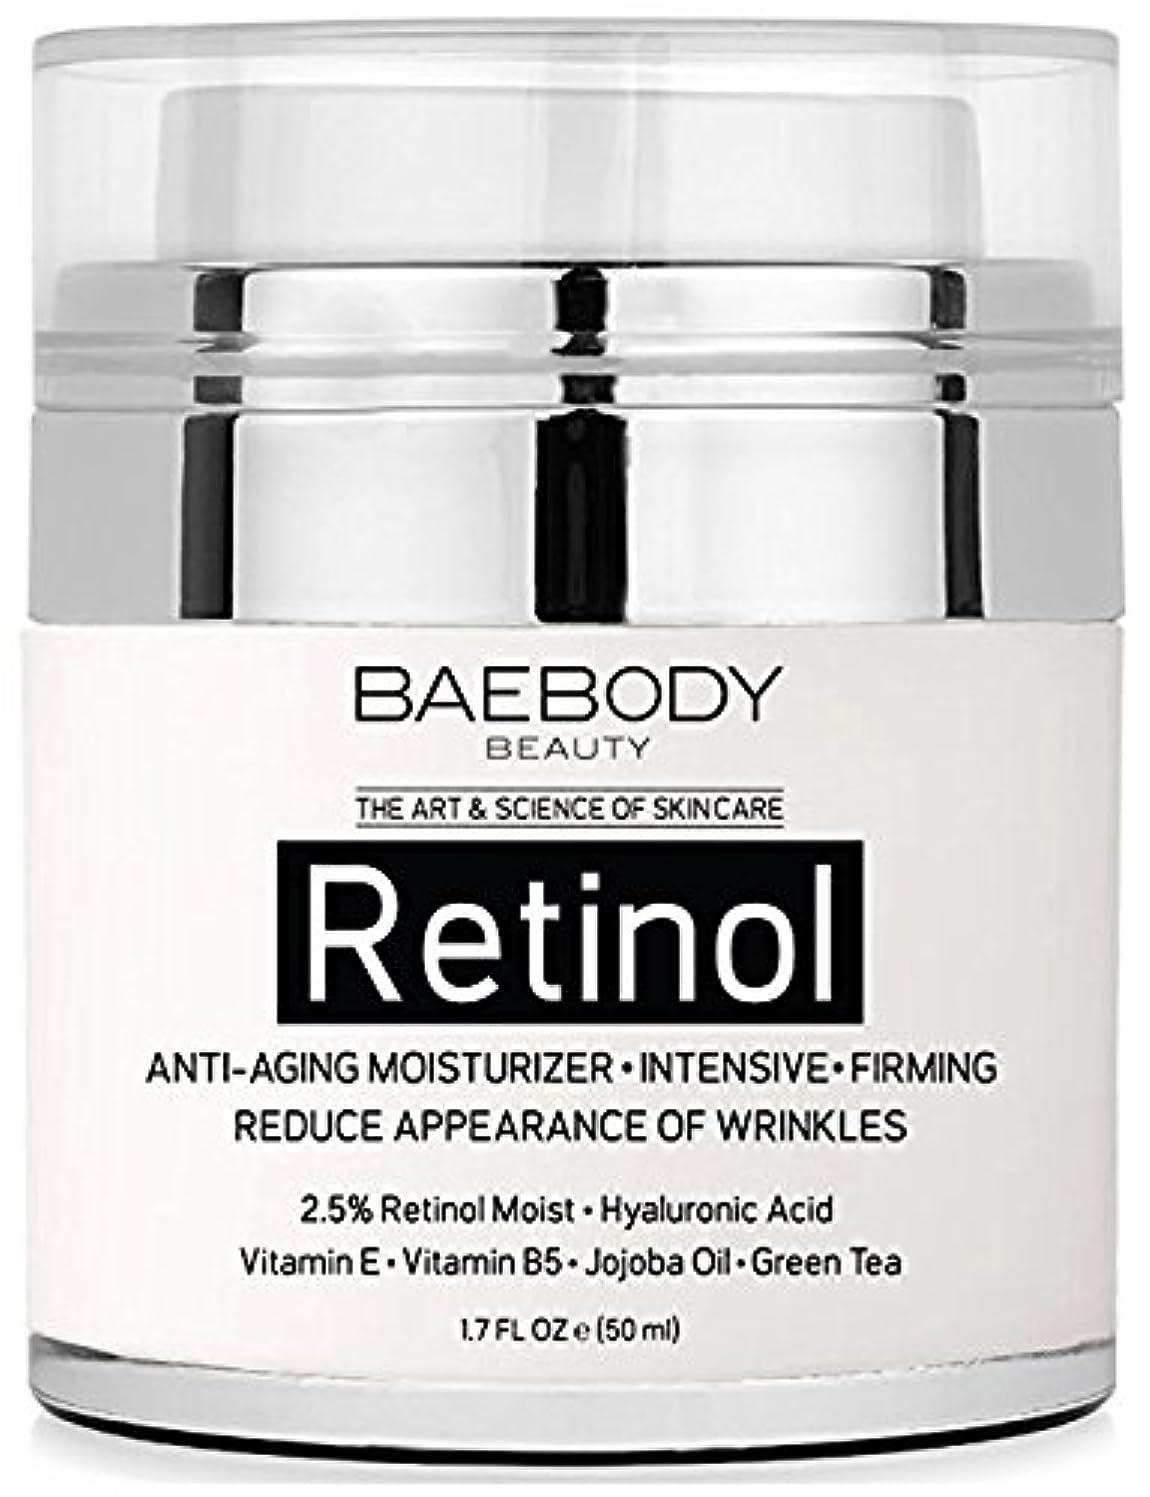 速記勇敢な尊厳Baebody社 の レチノール 保湿クリーム Baebody Retinol Moisturizer Cream [並行輸入品]